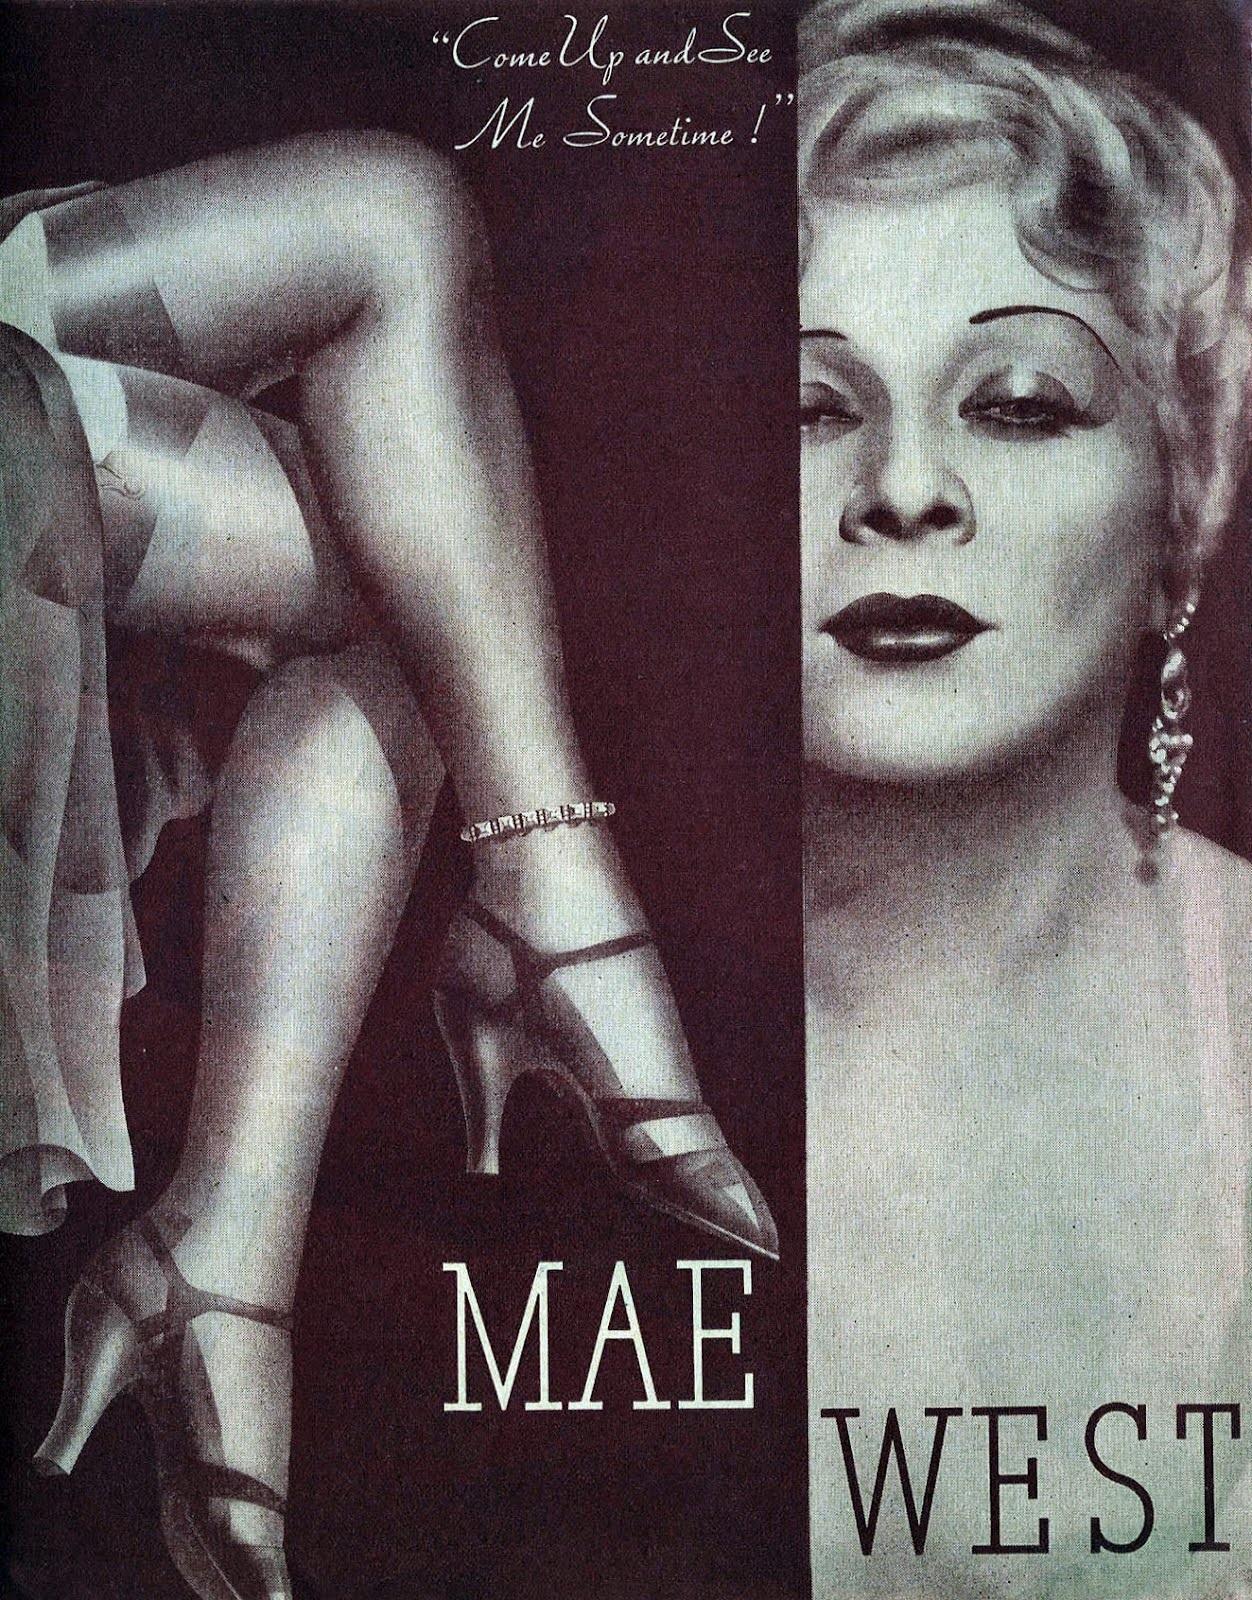 Le calze di Mae West